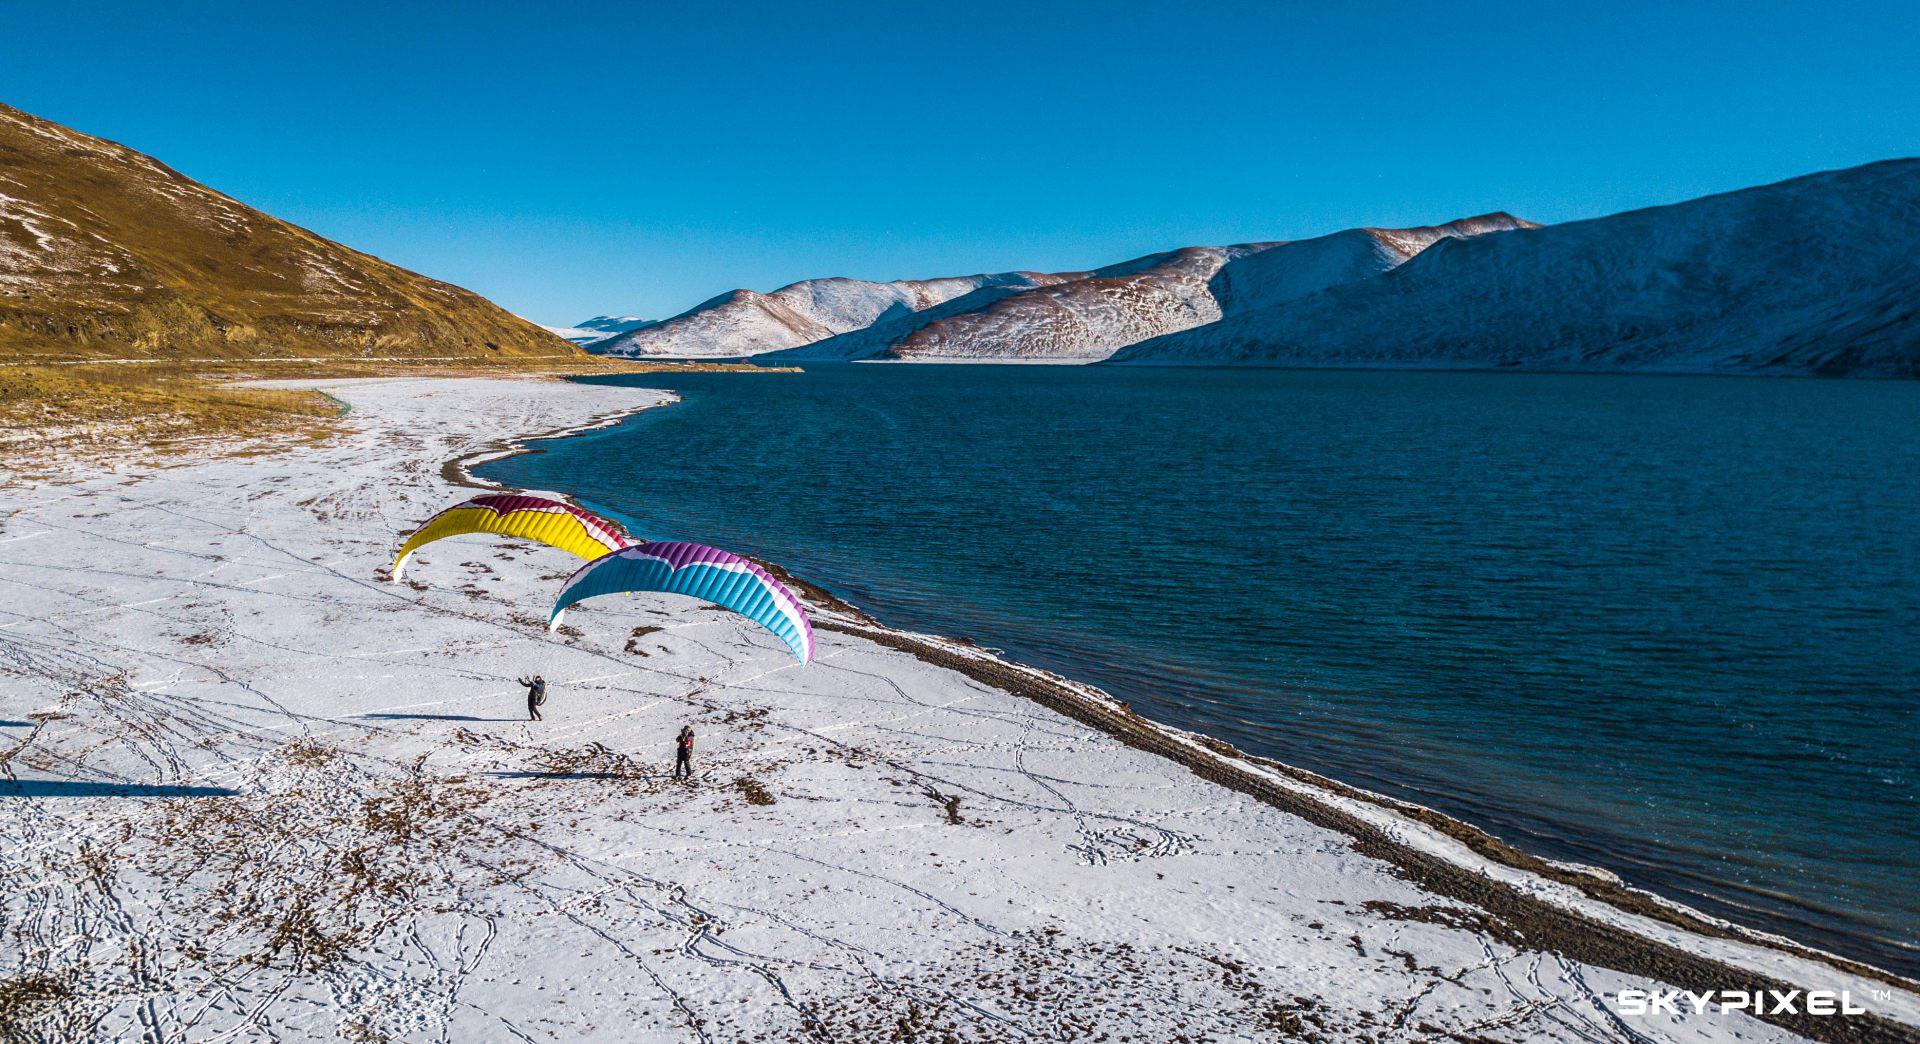 羊湖上空的猎风者.jpg